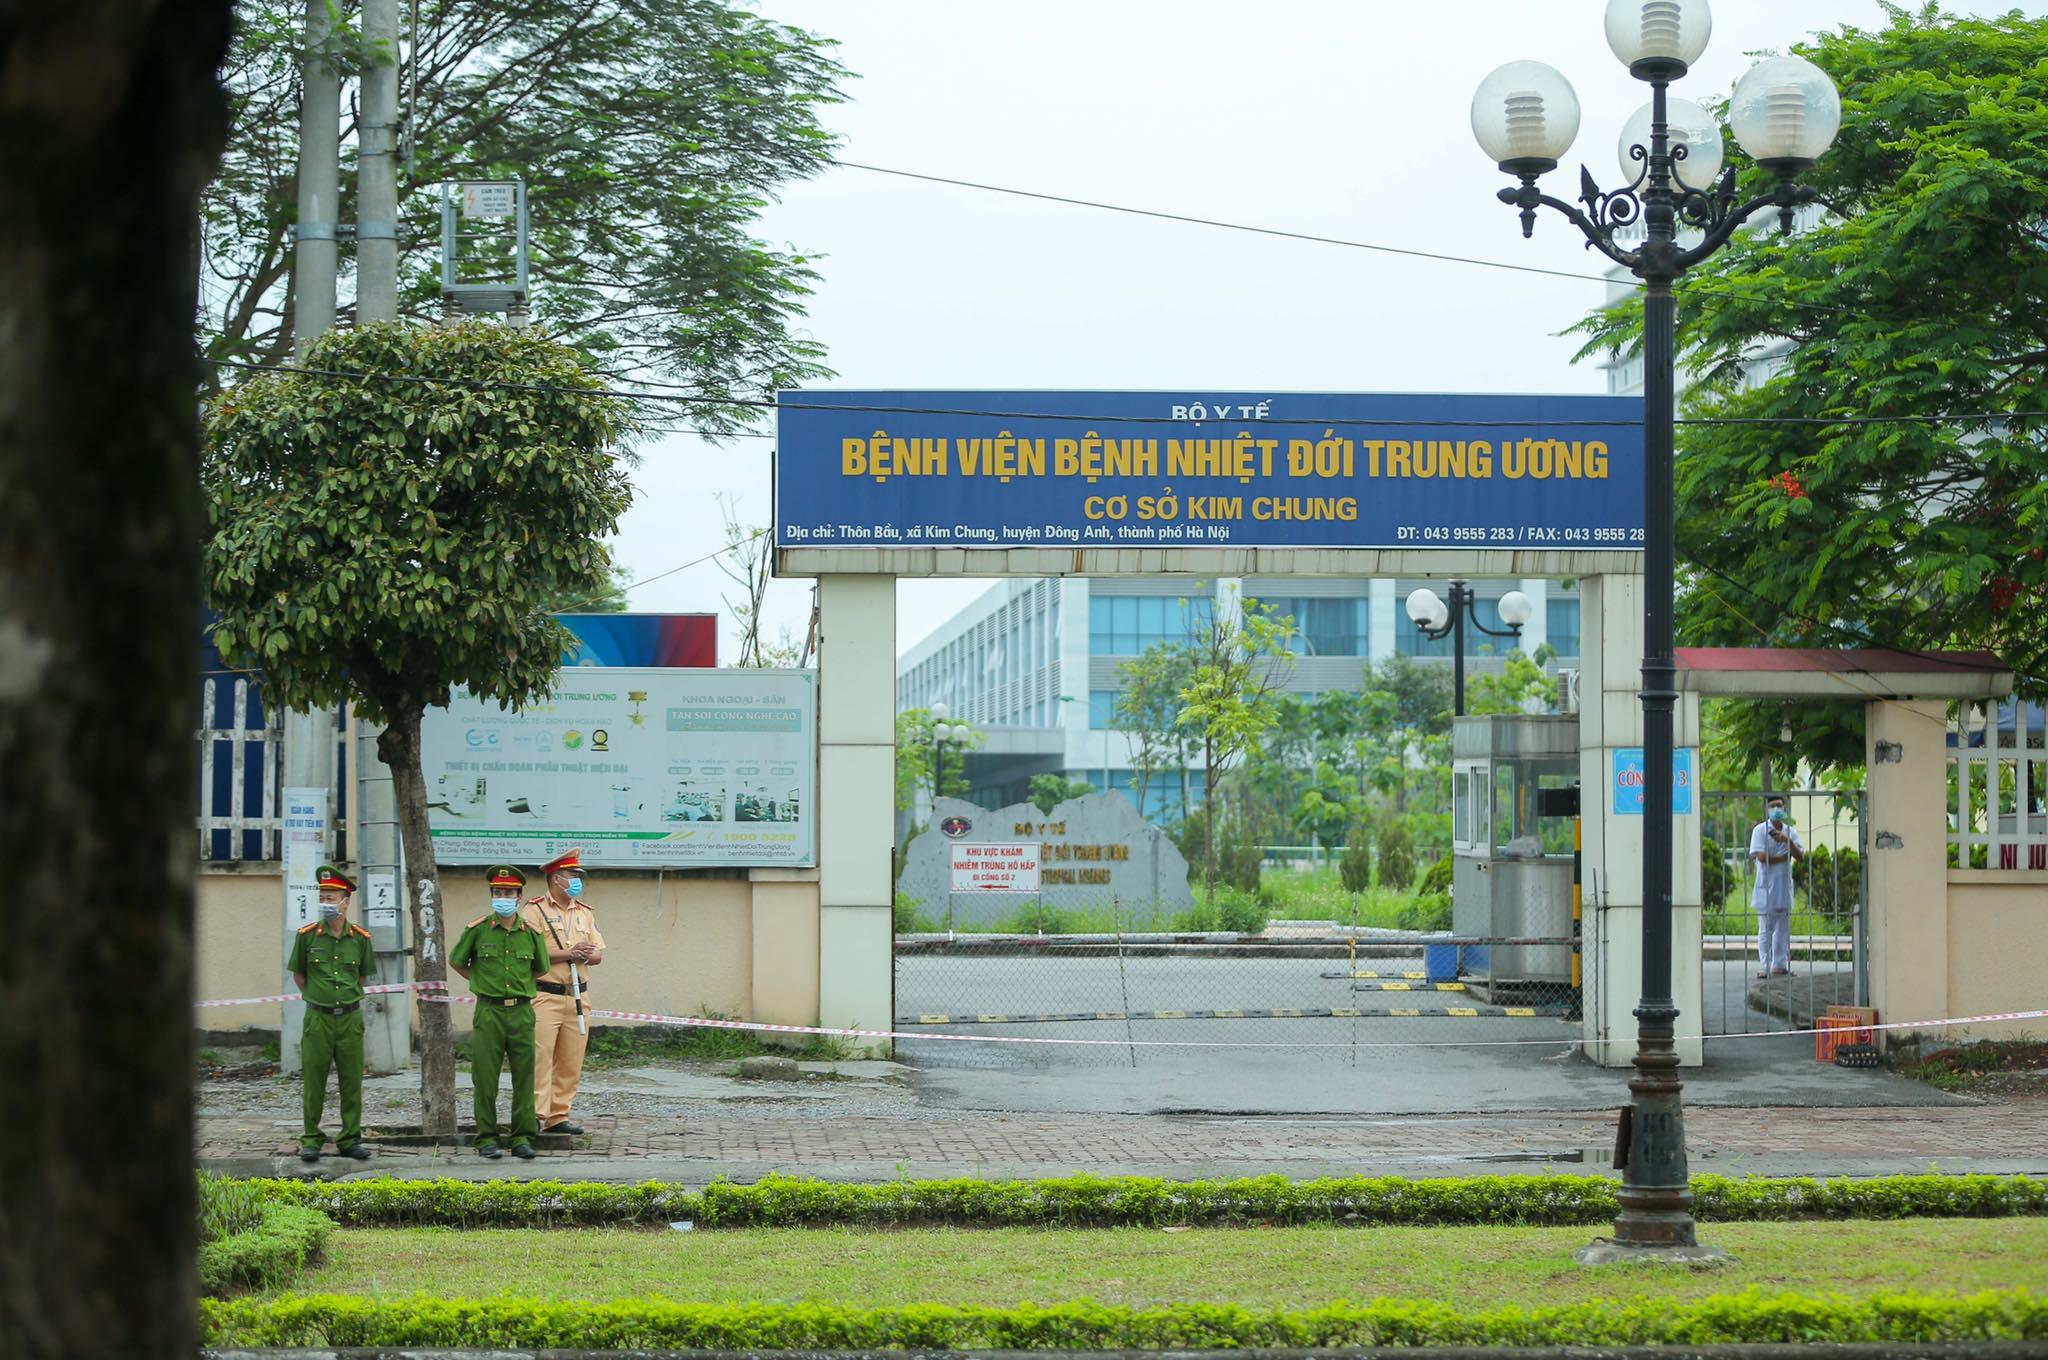 Công an chốt chặn ngoài cổng Bệnh viện Bệnh nhiệt đới Trung ương cơ sở Kim Chung (Đông Anh). Ảnh: Anh Hùng.